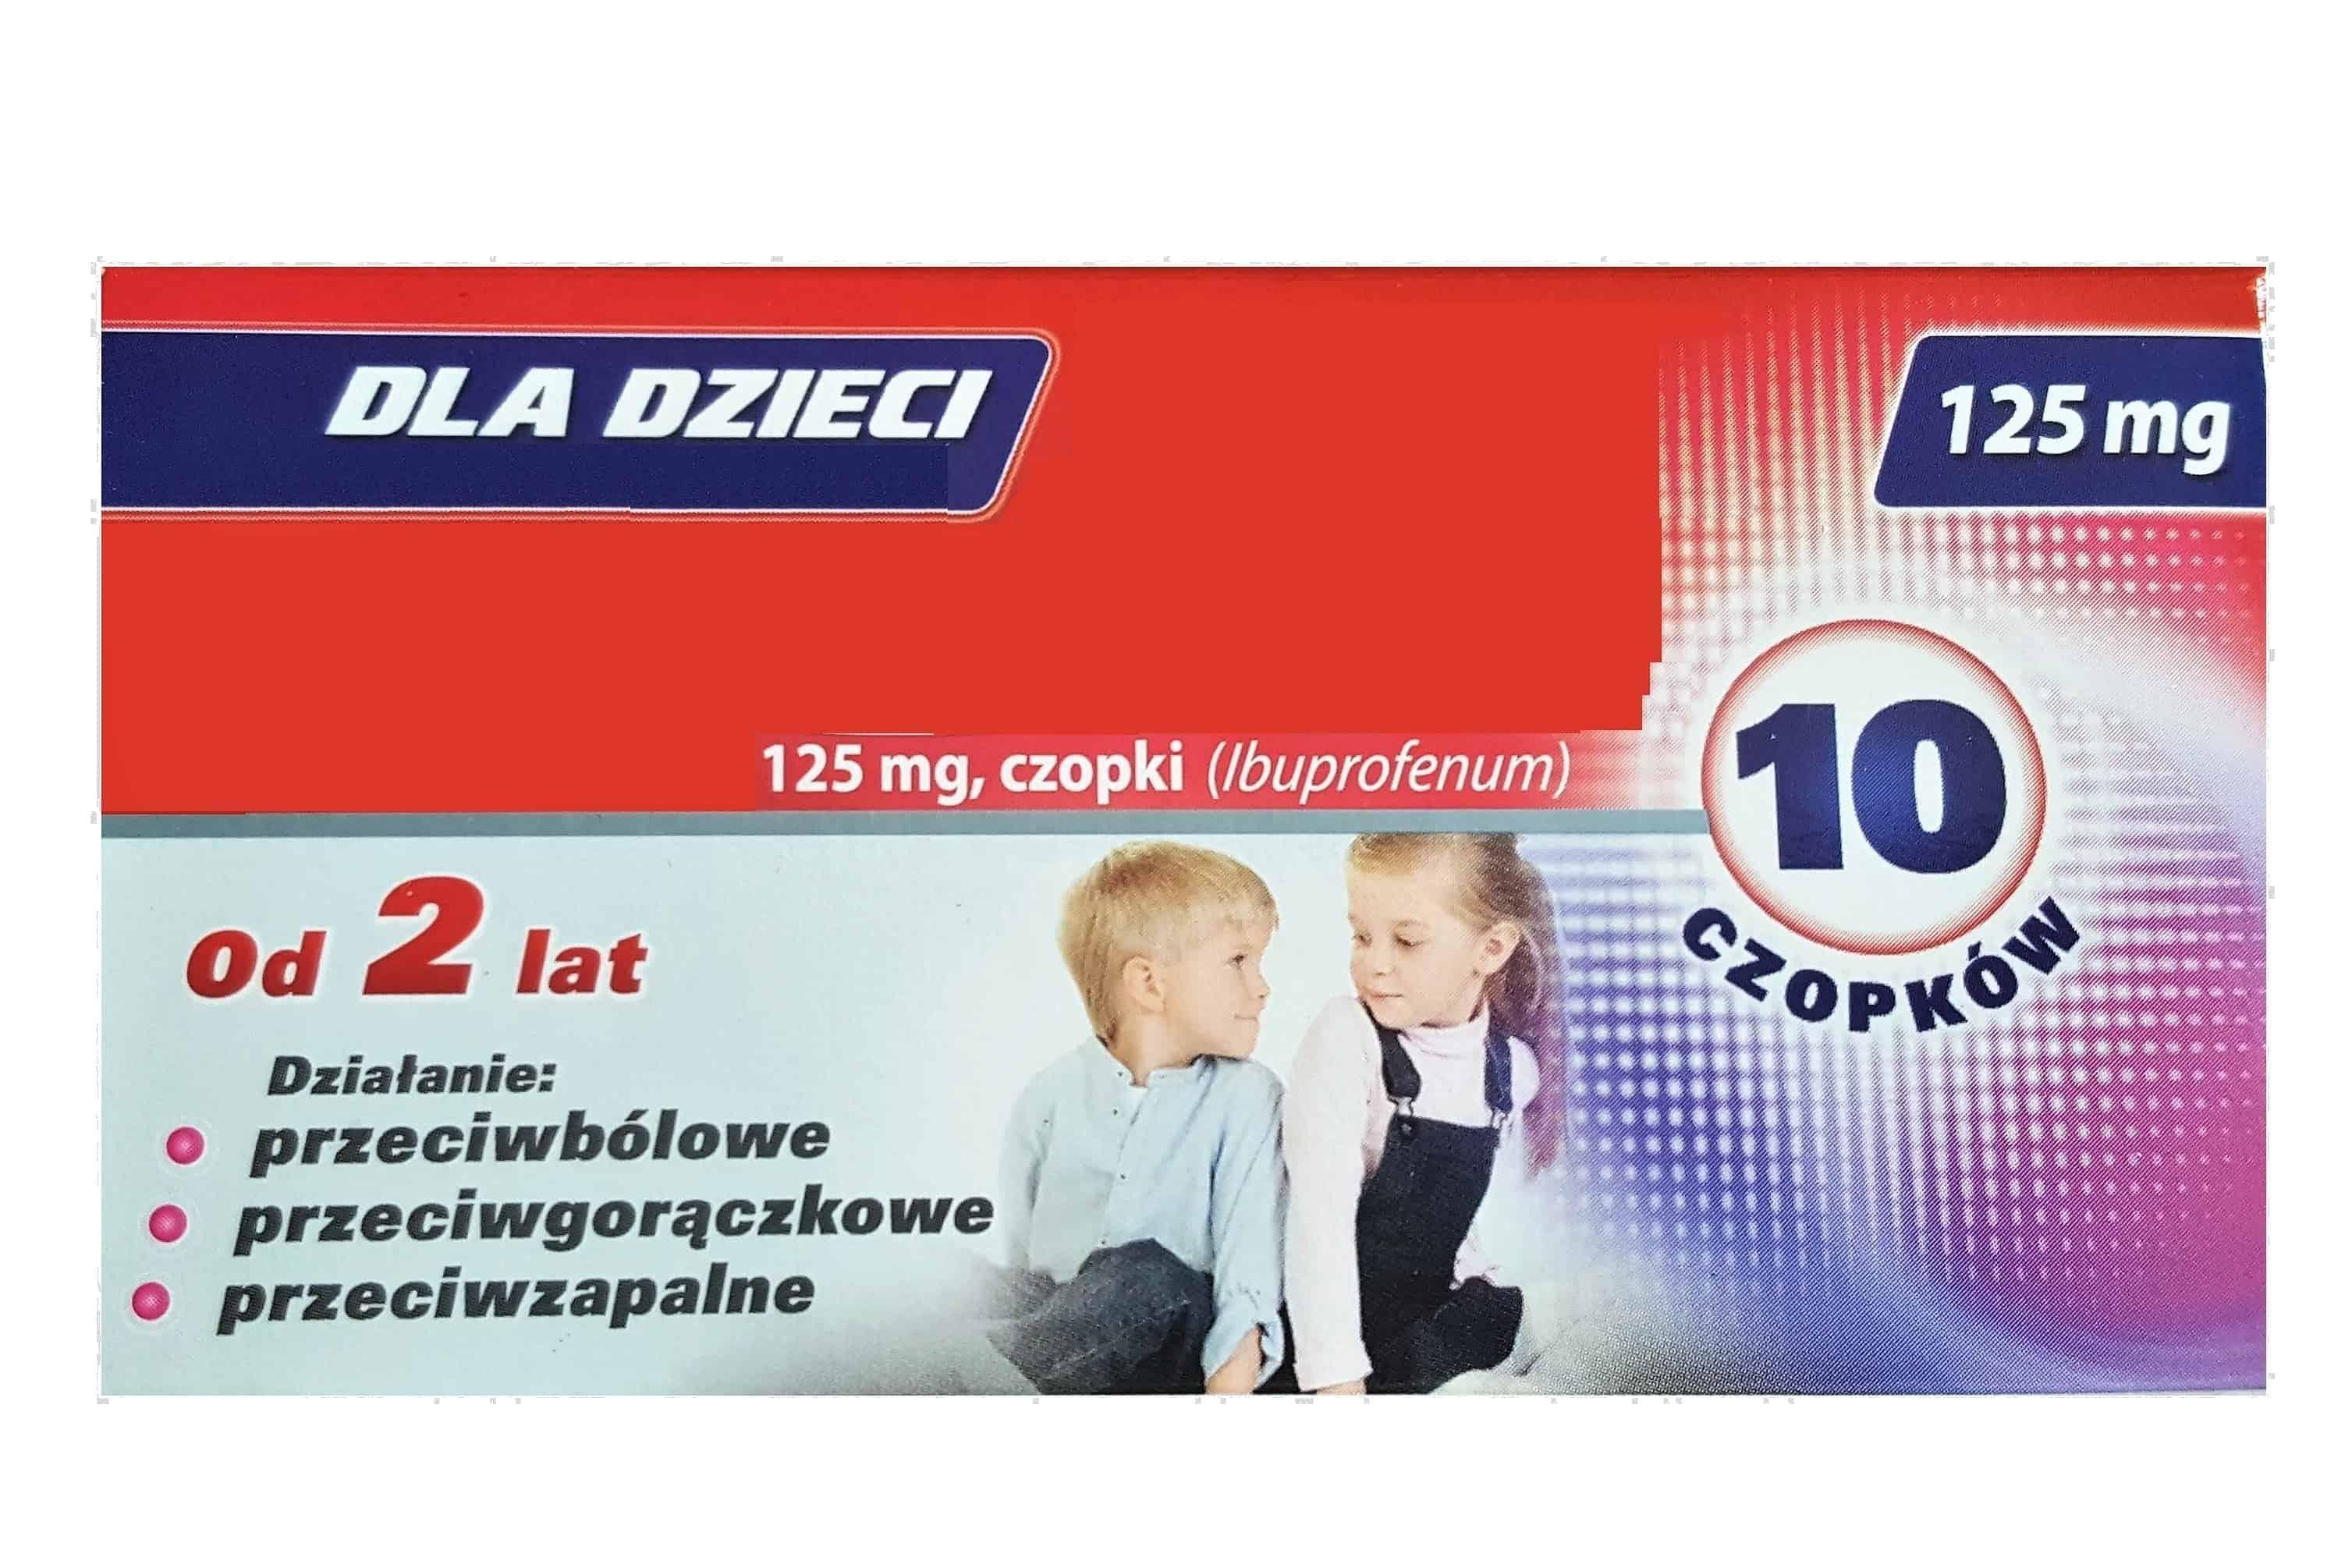 Ibuprofen czopki 60 mg, 125 mg, Ibum, Nurofen, Ibufen czopki Matka Aptekarka